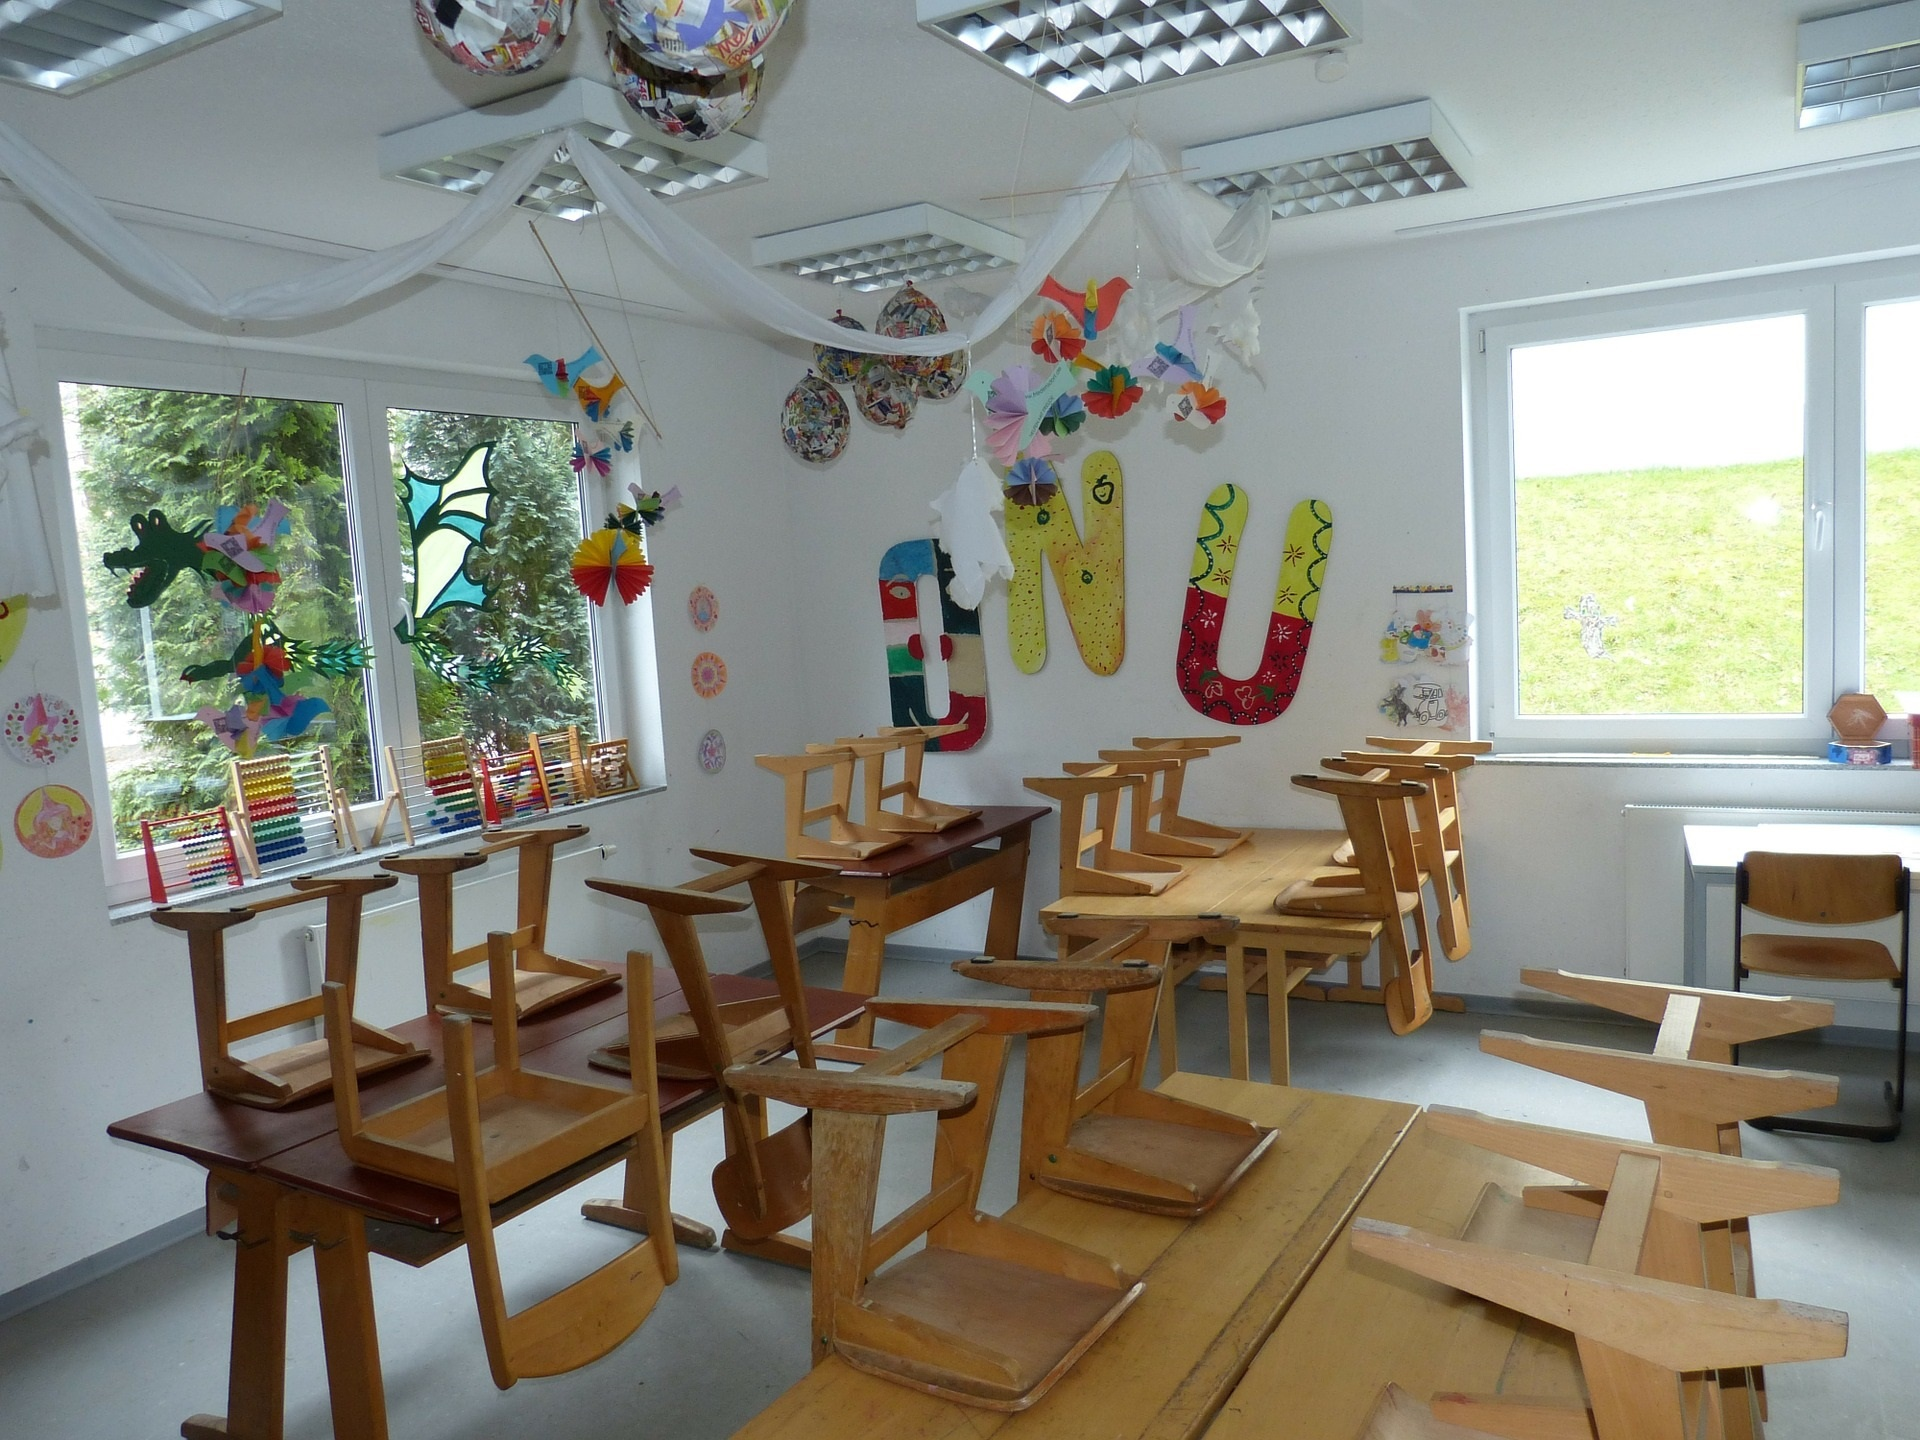 Klassenraum mit hochgestellten Stühlen